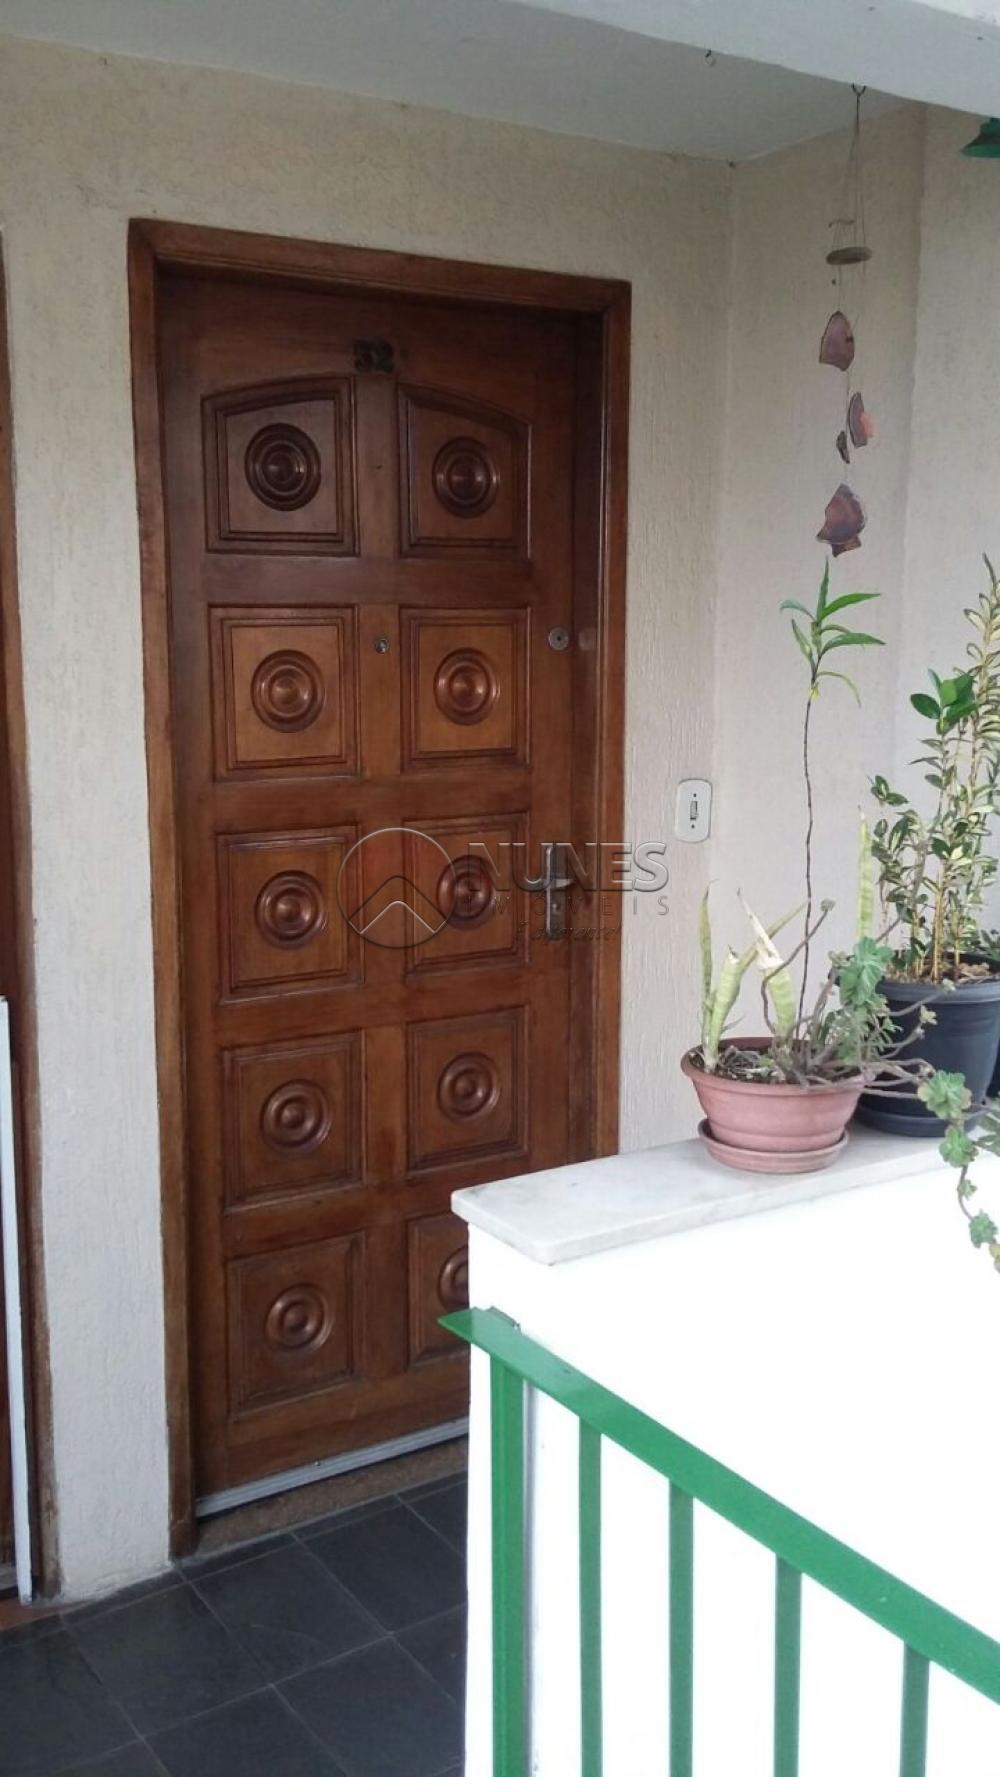 Comprar Apartamento / Padrão em Carapicuíba apenas R$ 150.000,00 - Foto 3